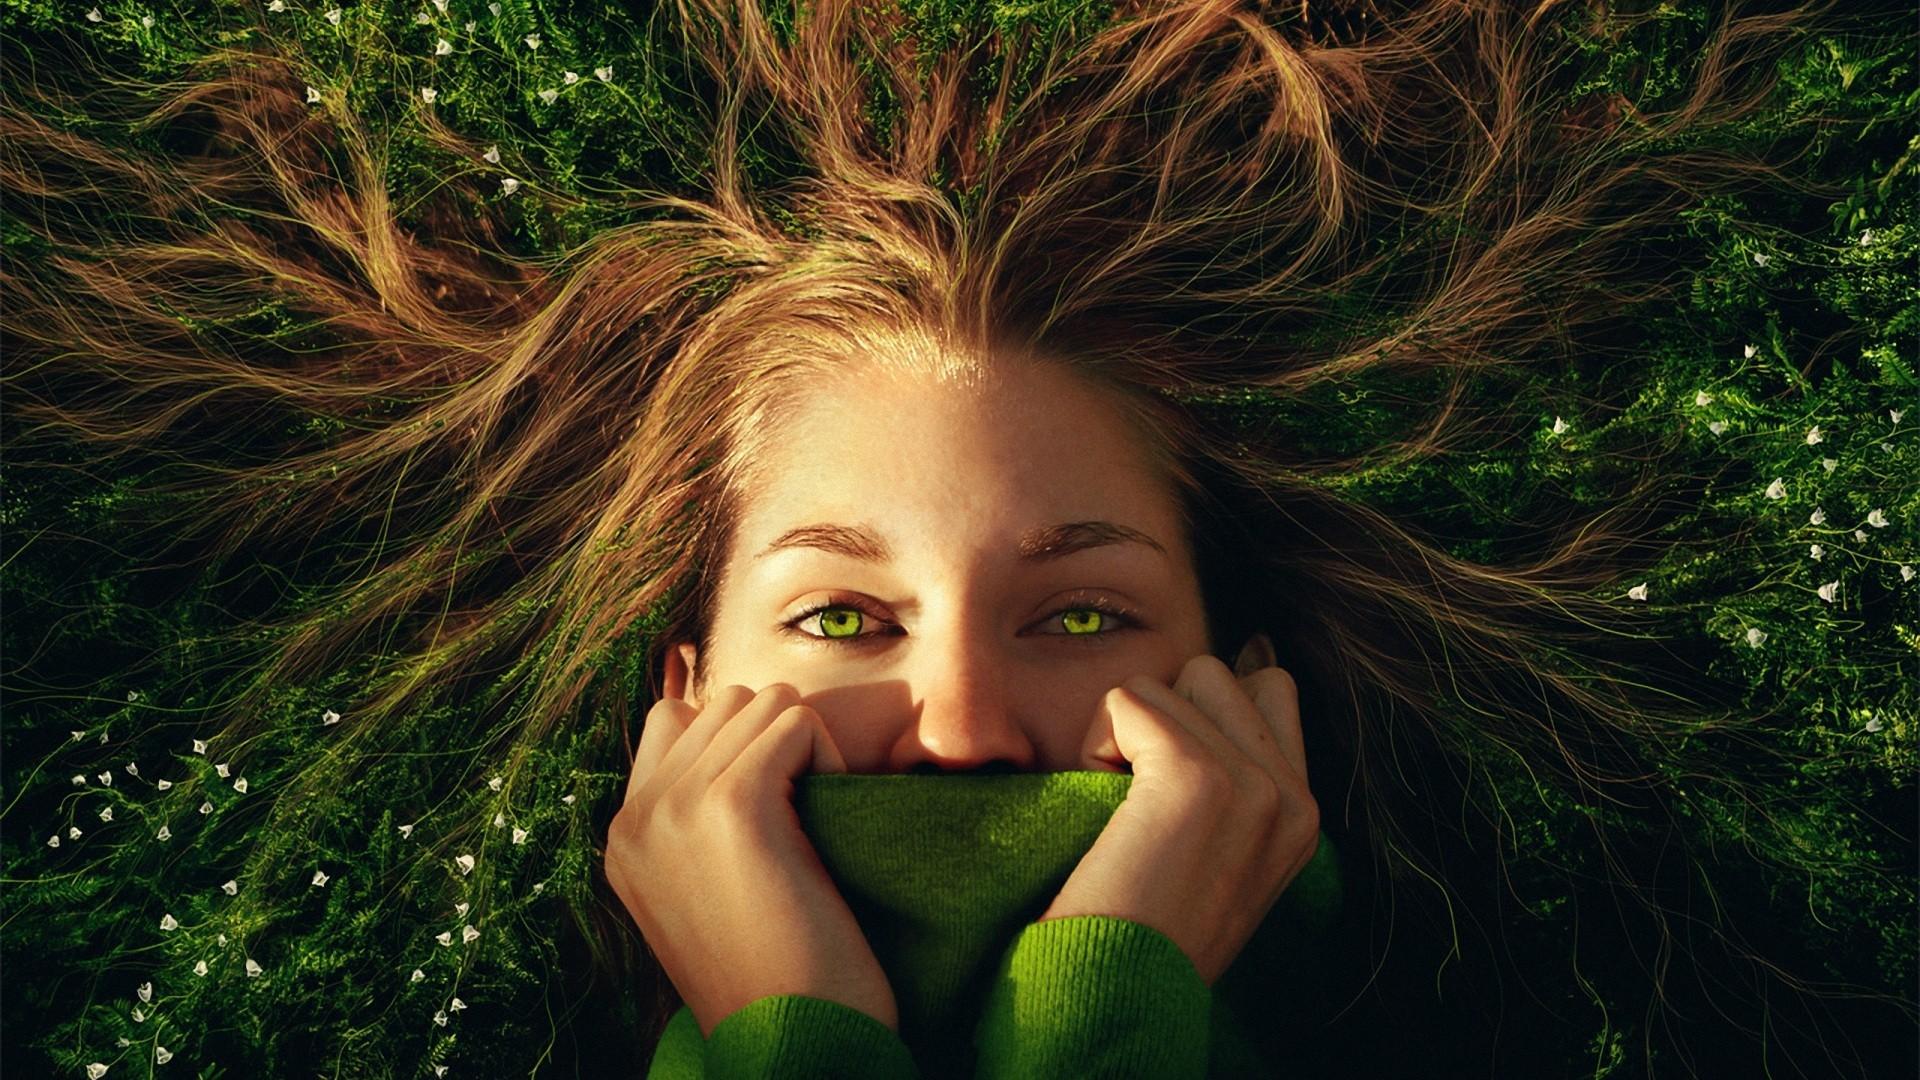 Зеленый цвет лица картинки